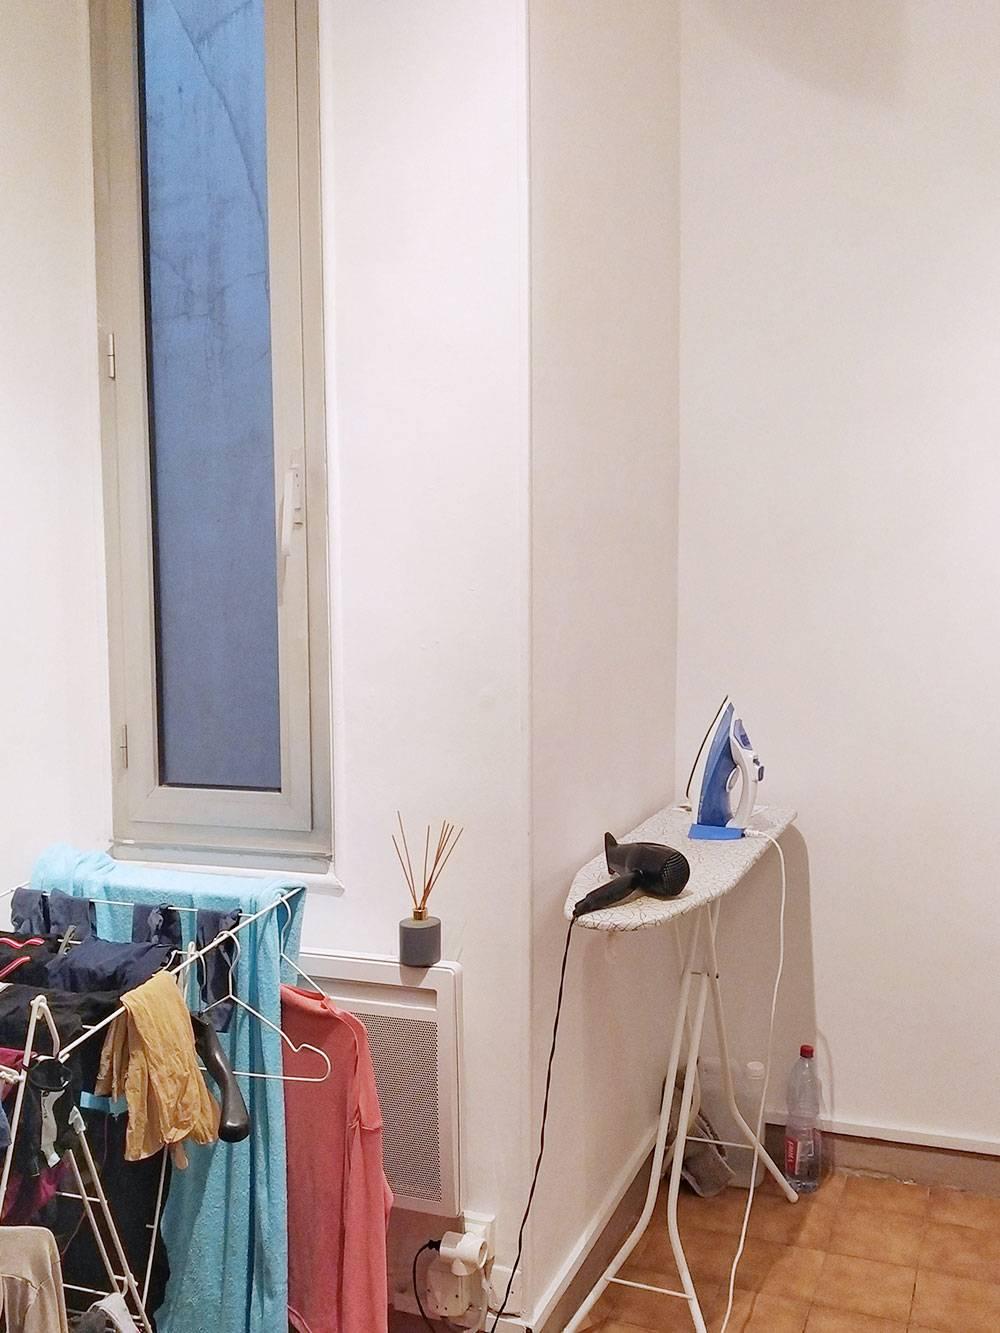 Кладовка с вентиляционным окном, которое хорошо помогает в жару